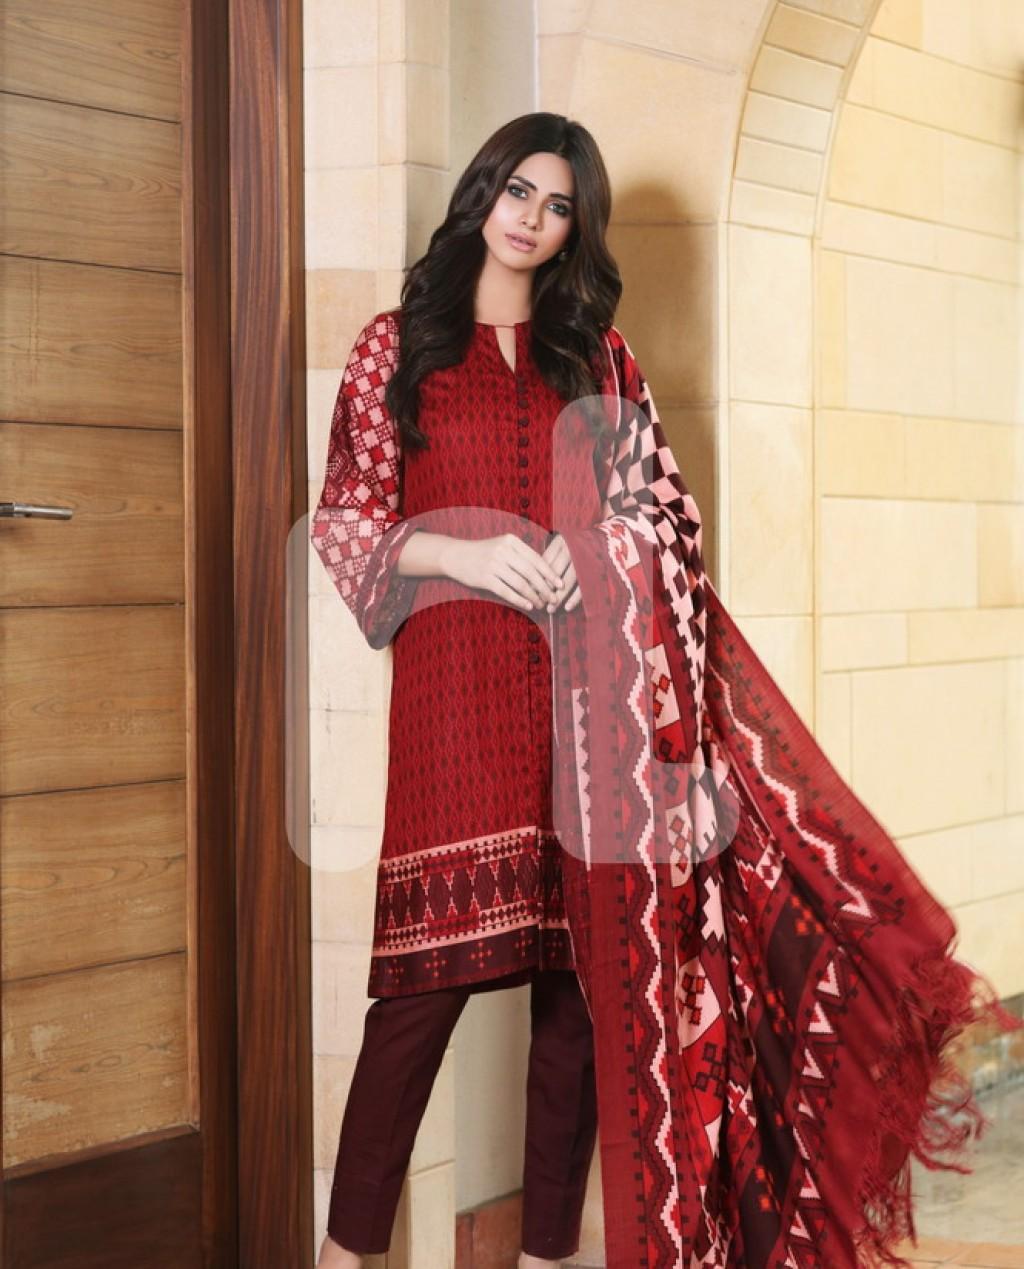 Nishat dresses